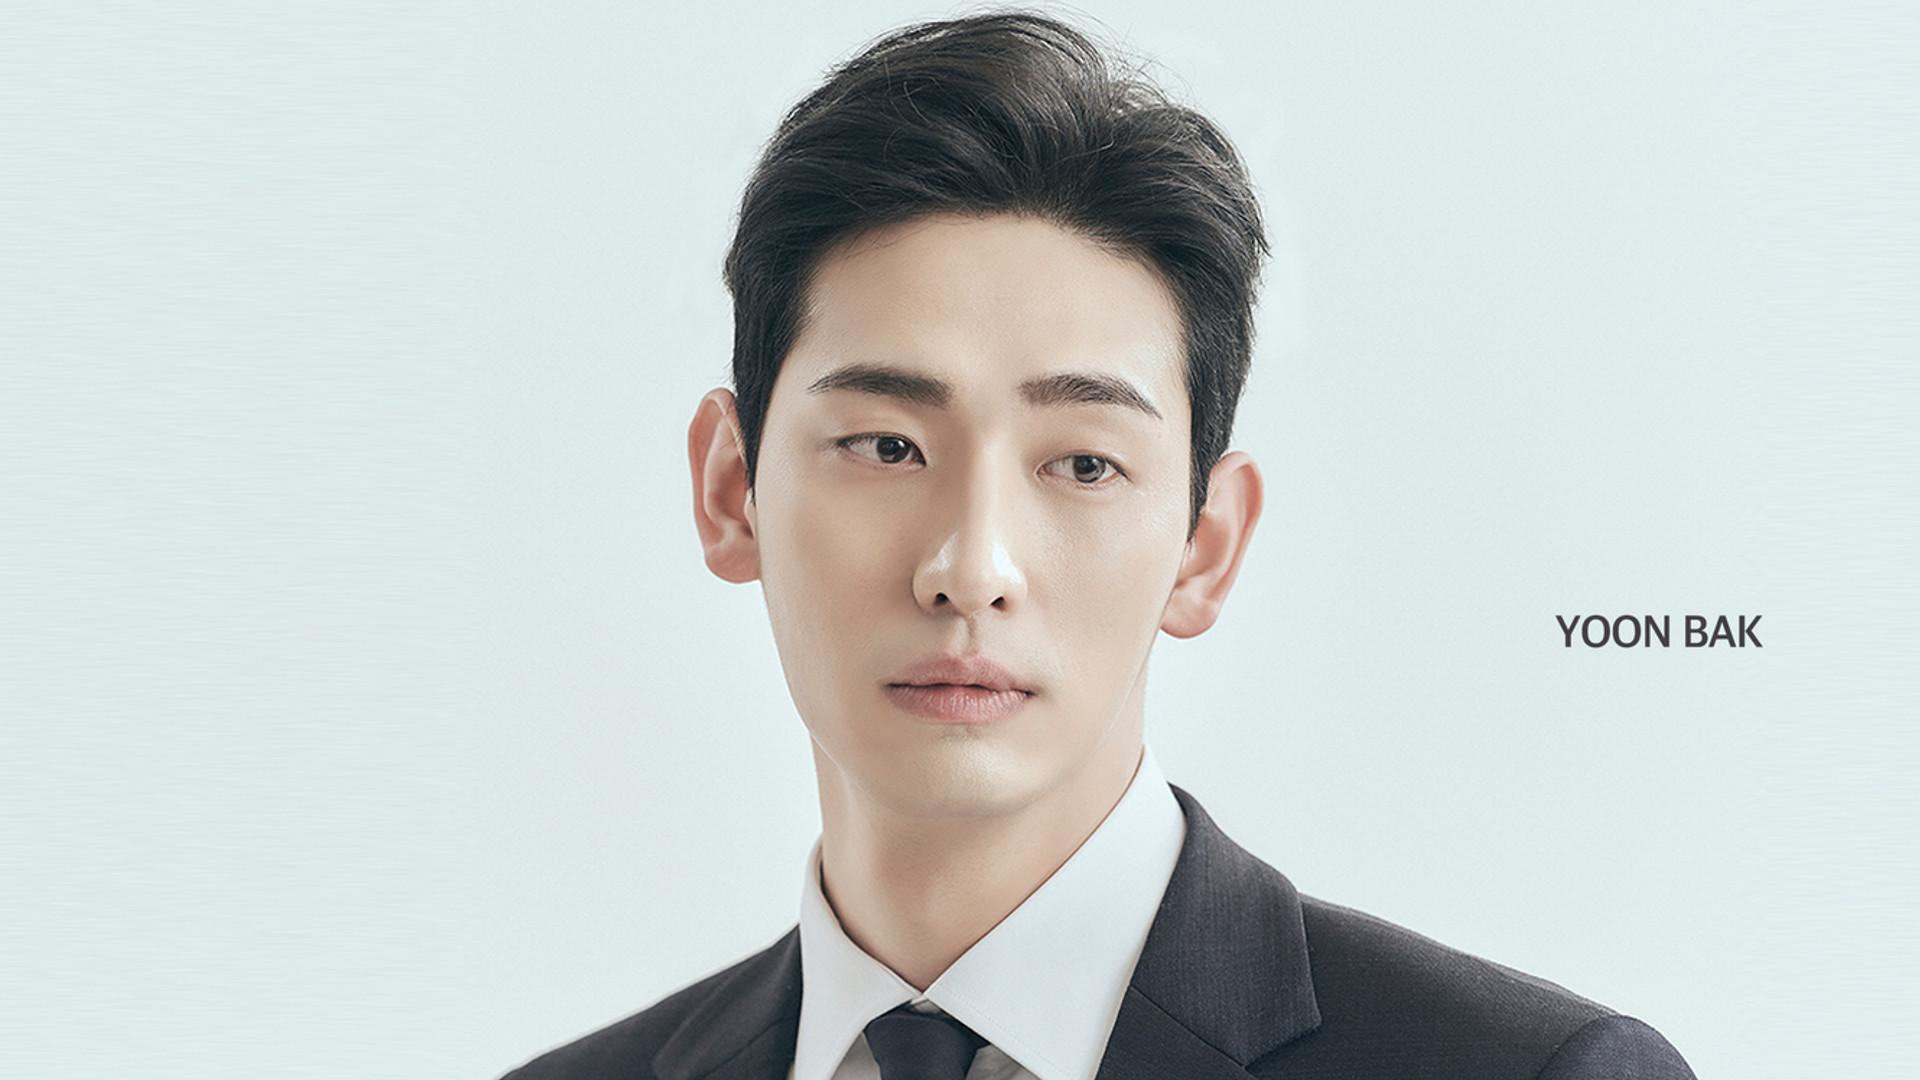 Yoon Bak 윤박